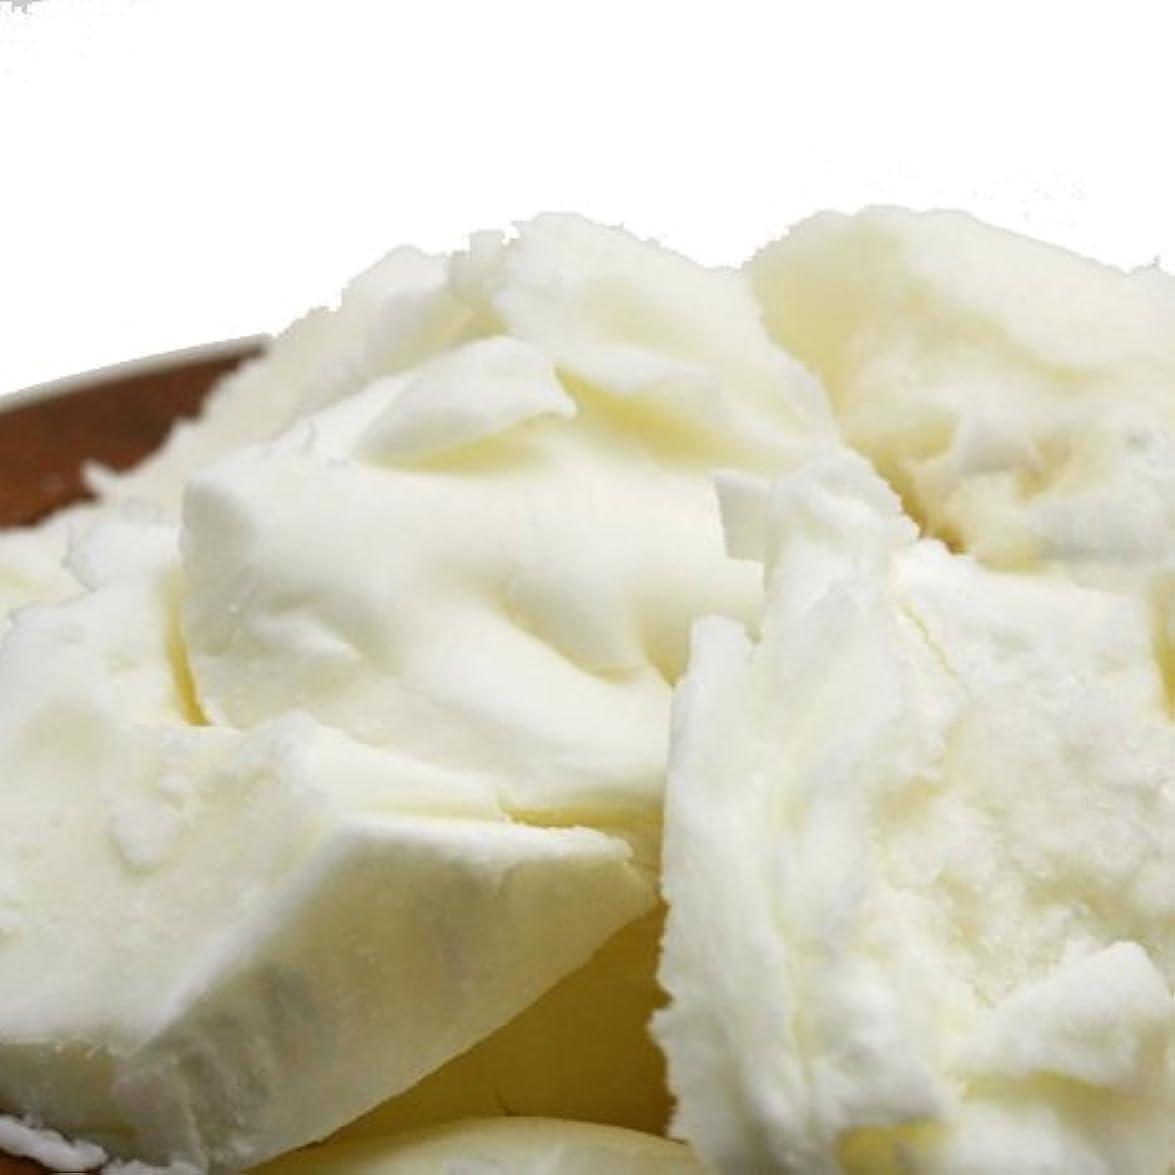 パプアニューギニア知覚再集計精製シアバター 100g シア脂 【手作り石鹸/手作りコスメ/手作り化粧品】